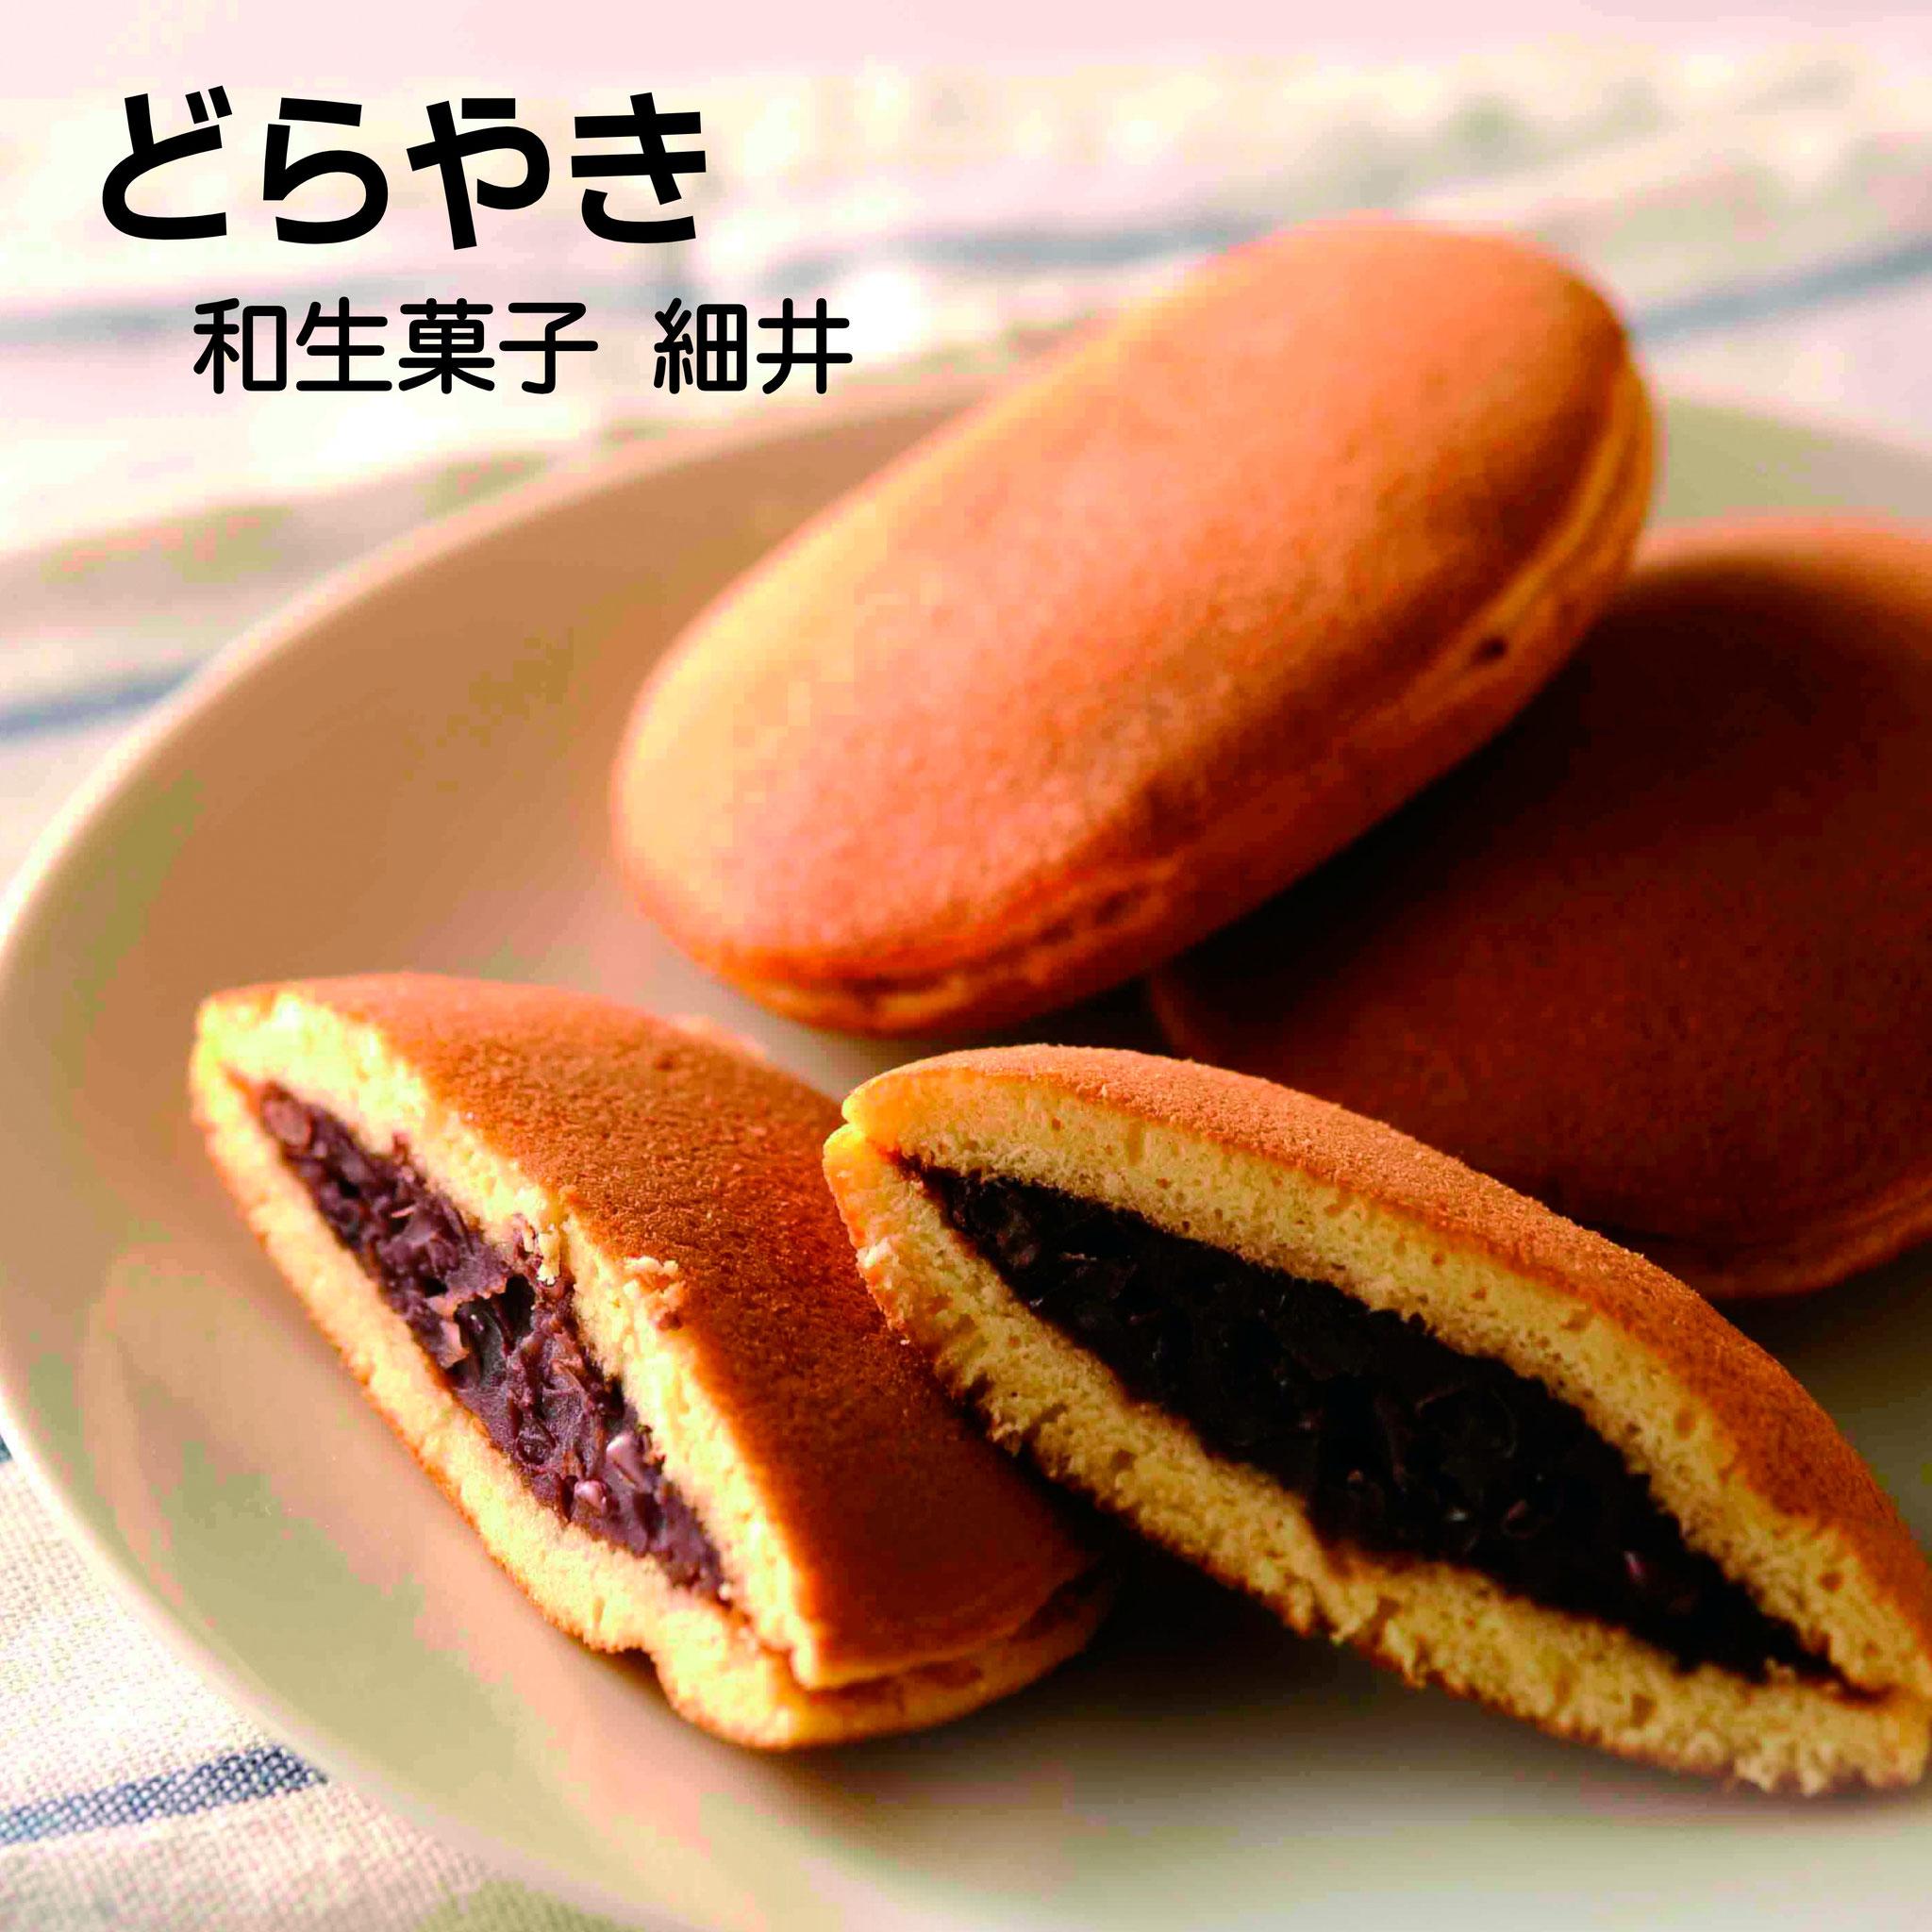 埼玉県産小麦粉の皮と北海道産小豆の上品な甘さの正統派「どらやき」